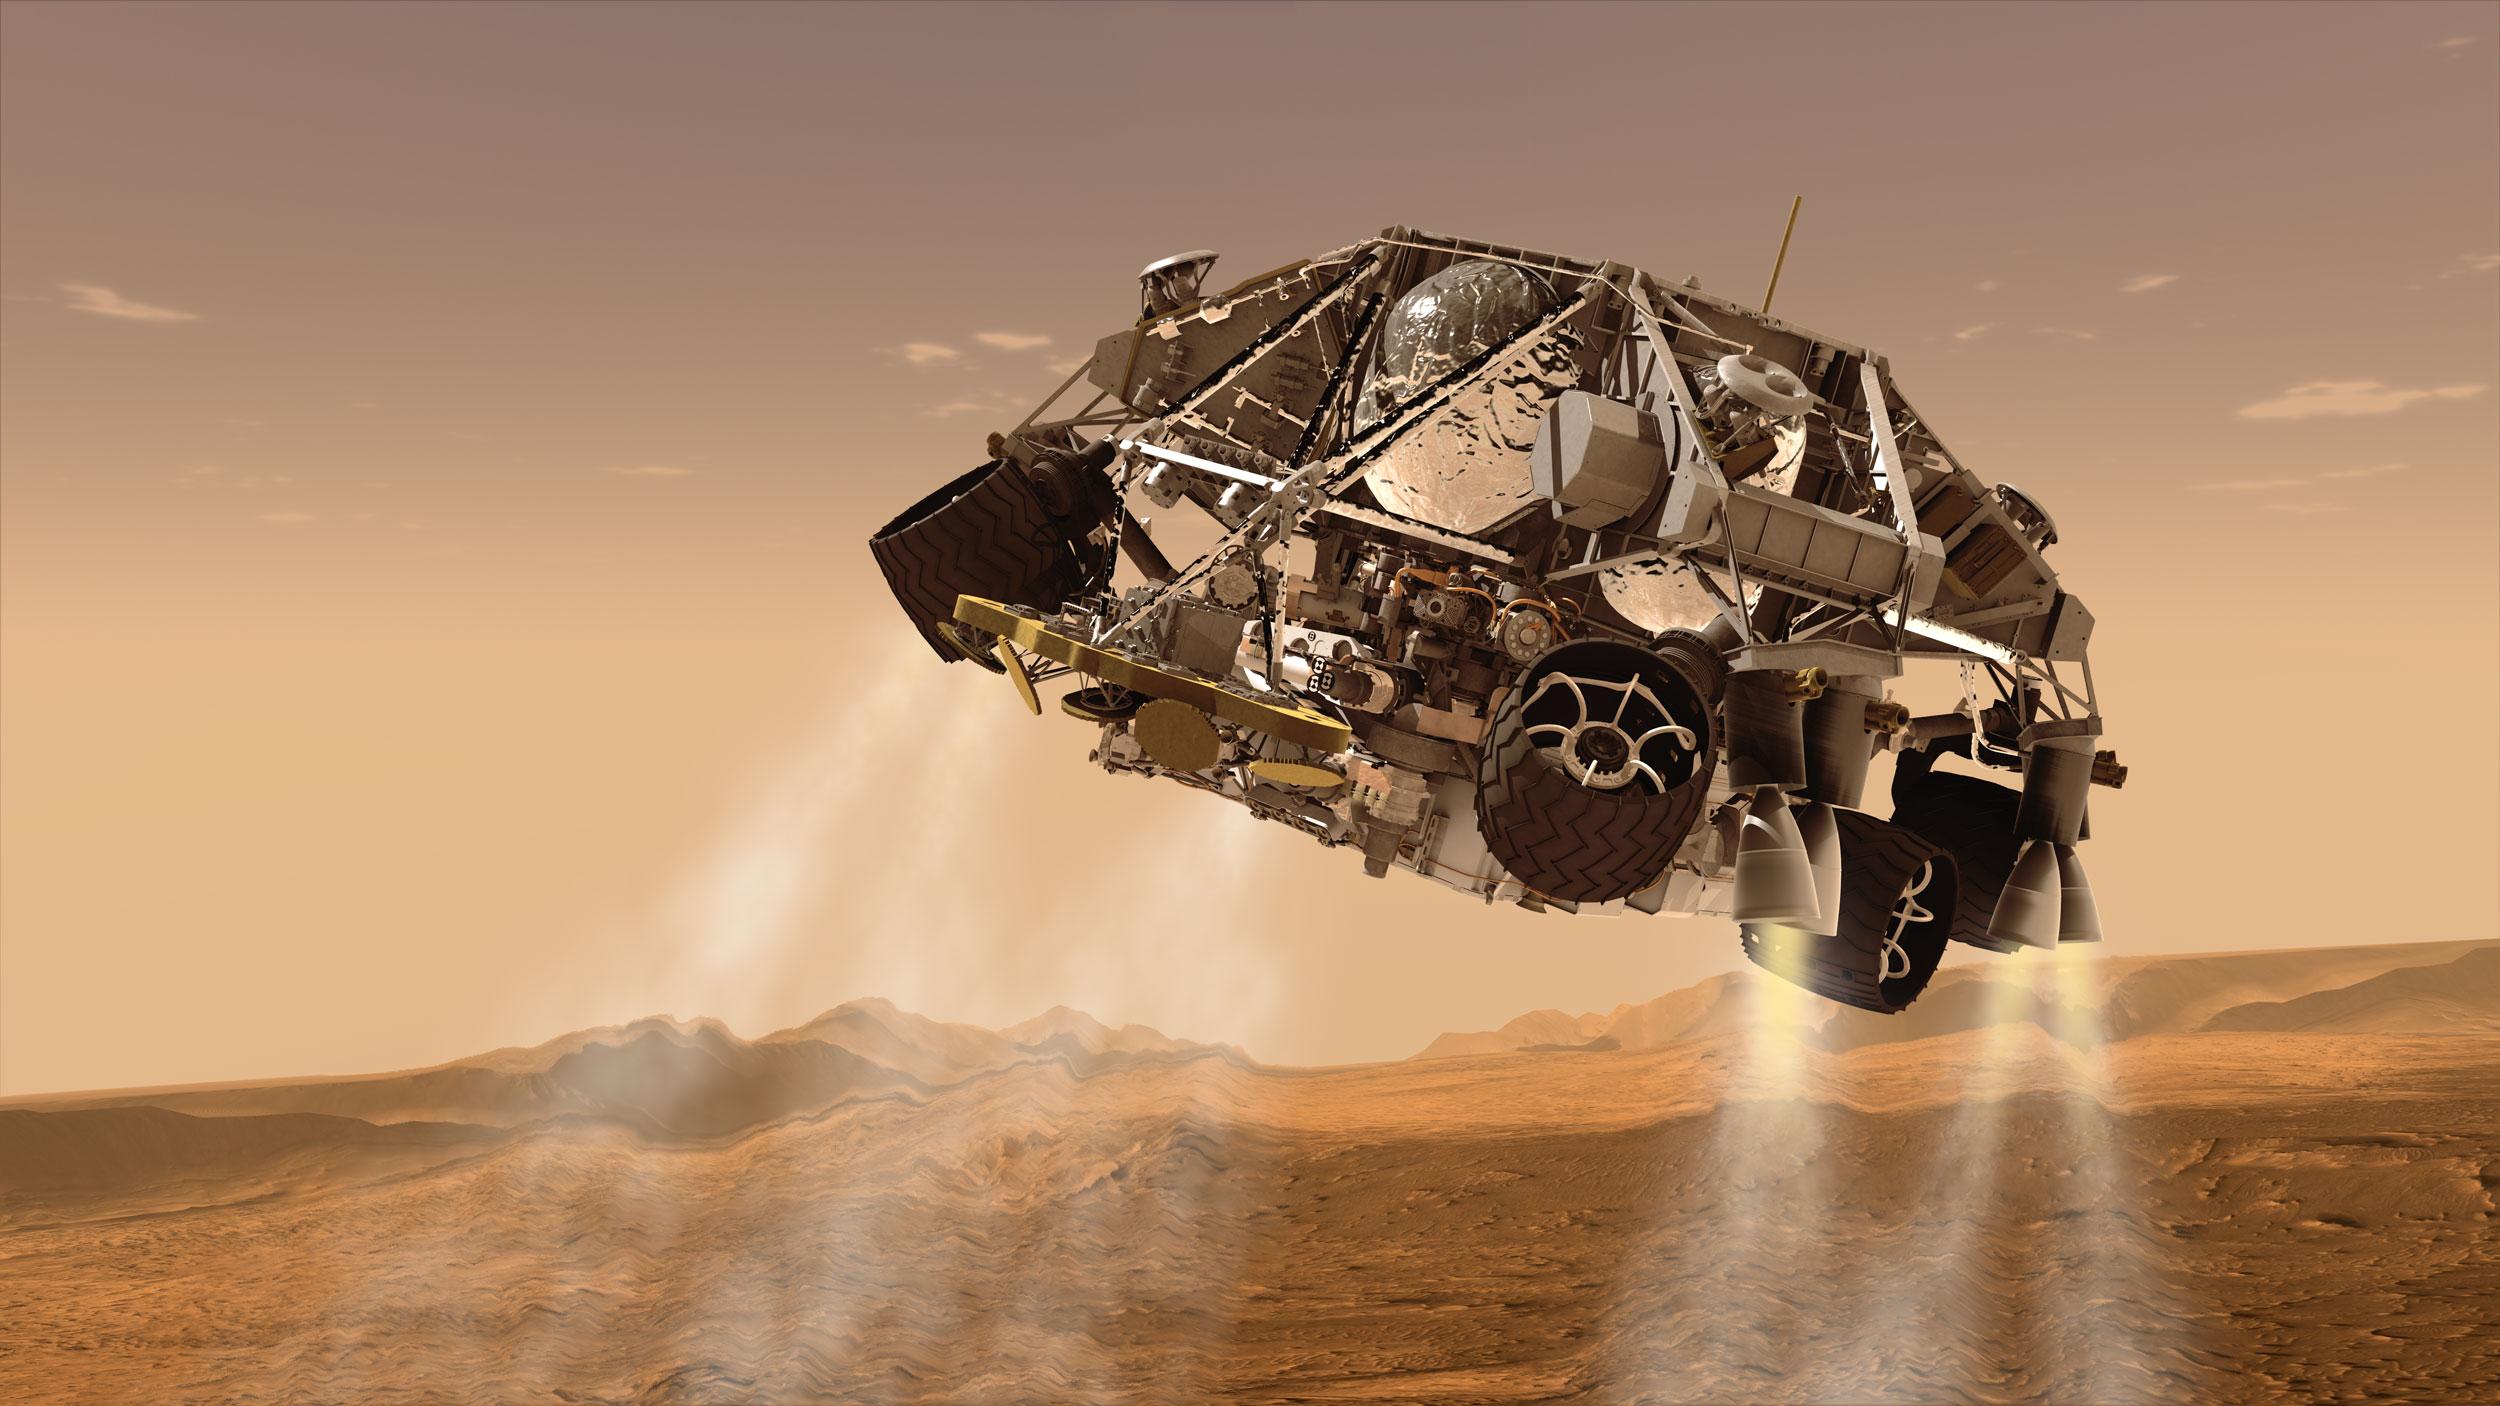 Người ngoài hành tinh và Mỹ bí mật hợp tác xây dựng căn cứ trên sao Hỏa? - 2